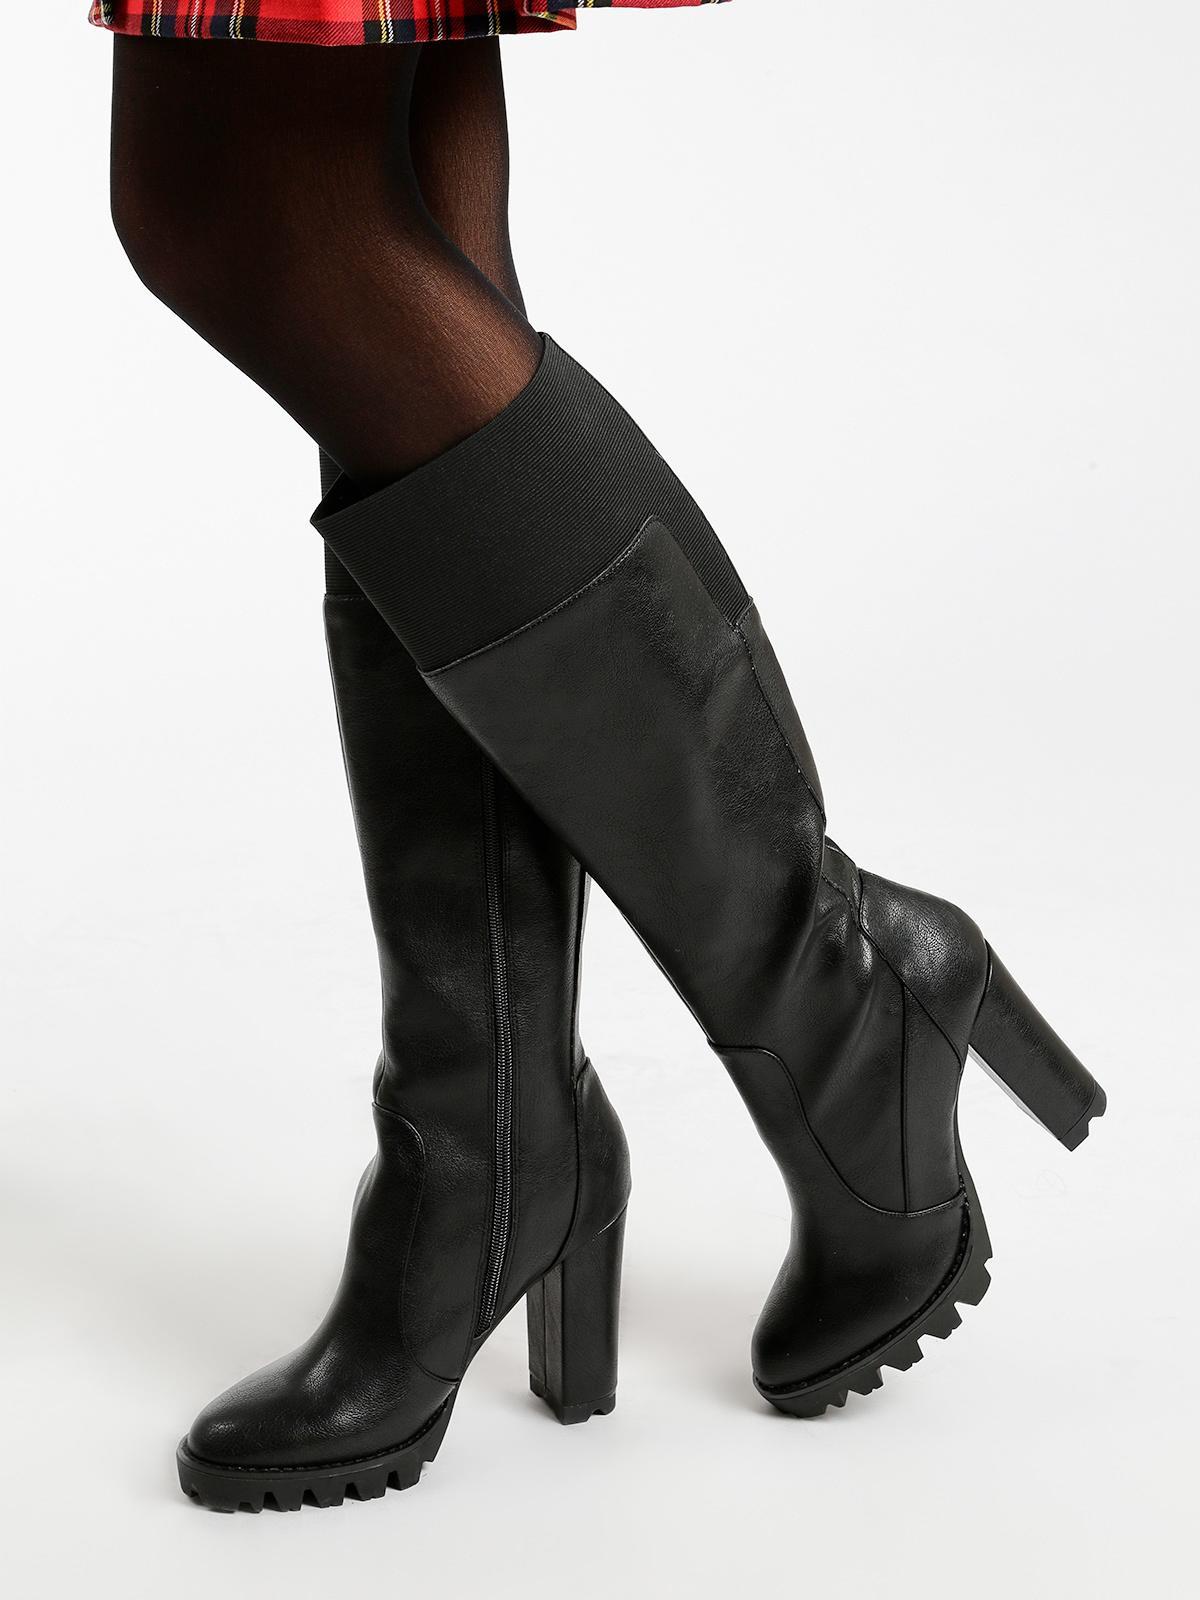 prezzo di fabbrica c2c24 c0c1c Stivali in ecopelle con tacco largo gattinoni | MecShopping